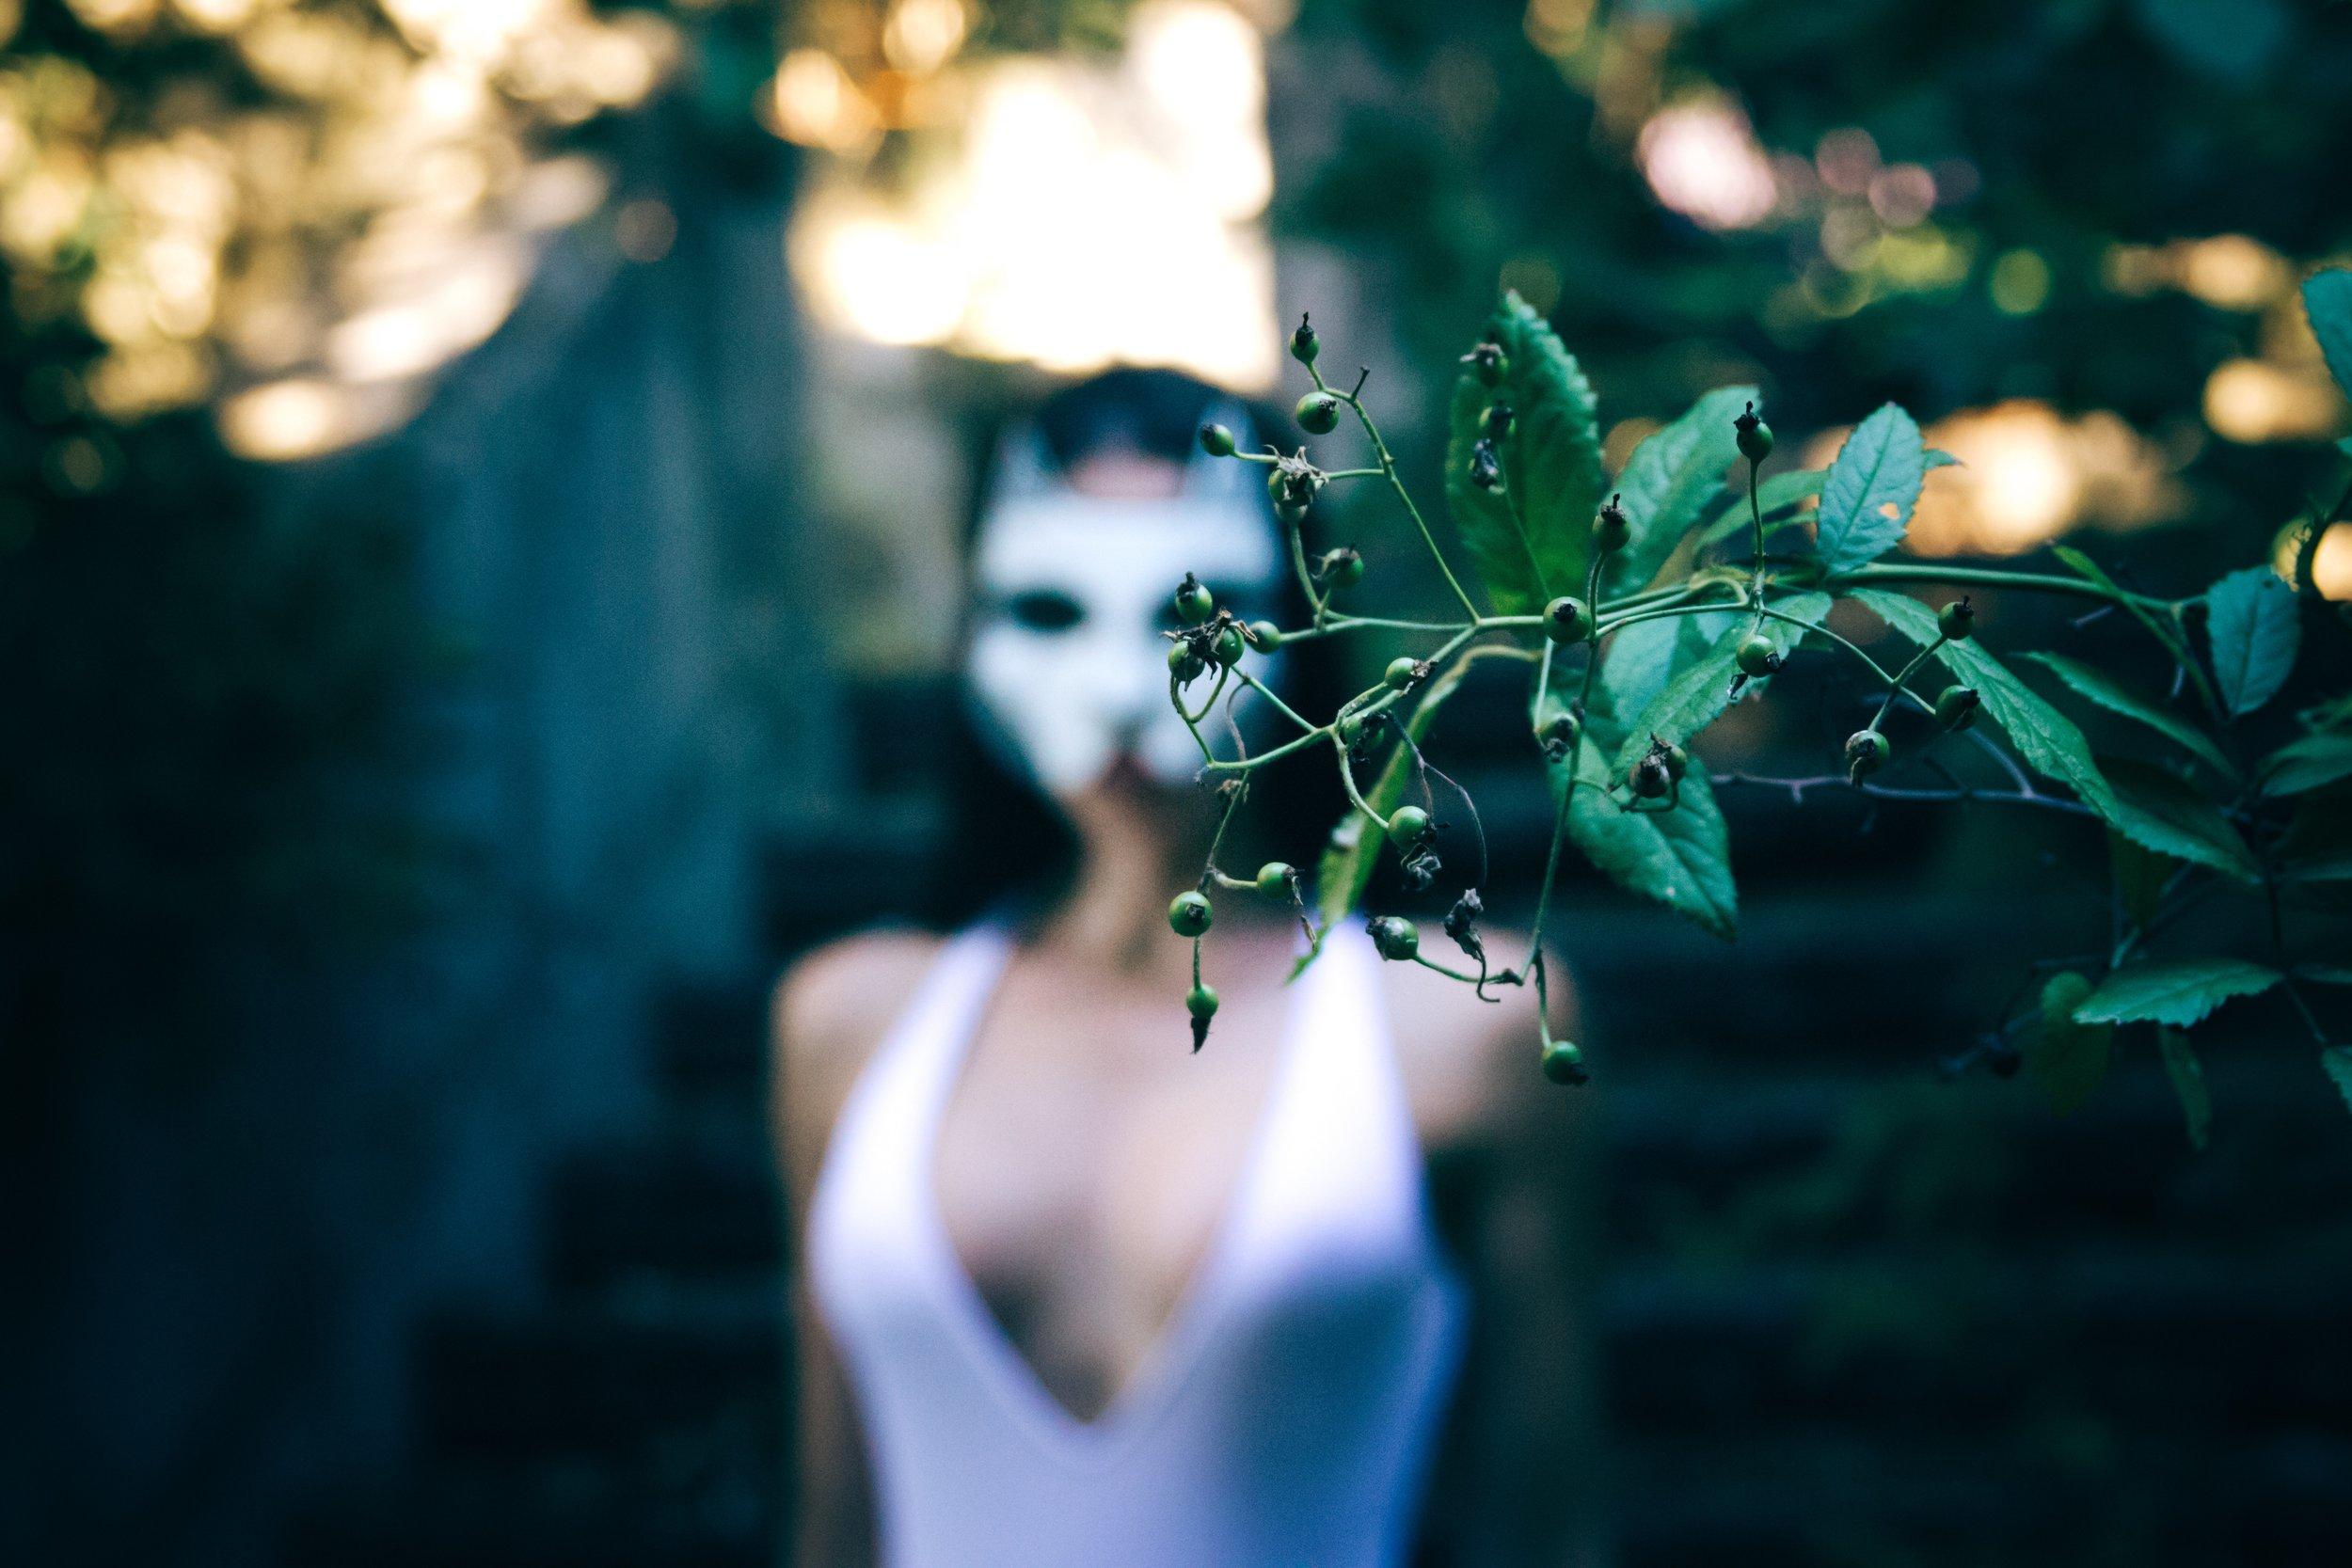 Photo by  Igor Starkov on  Unsplash